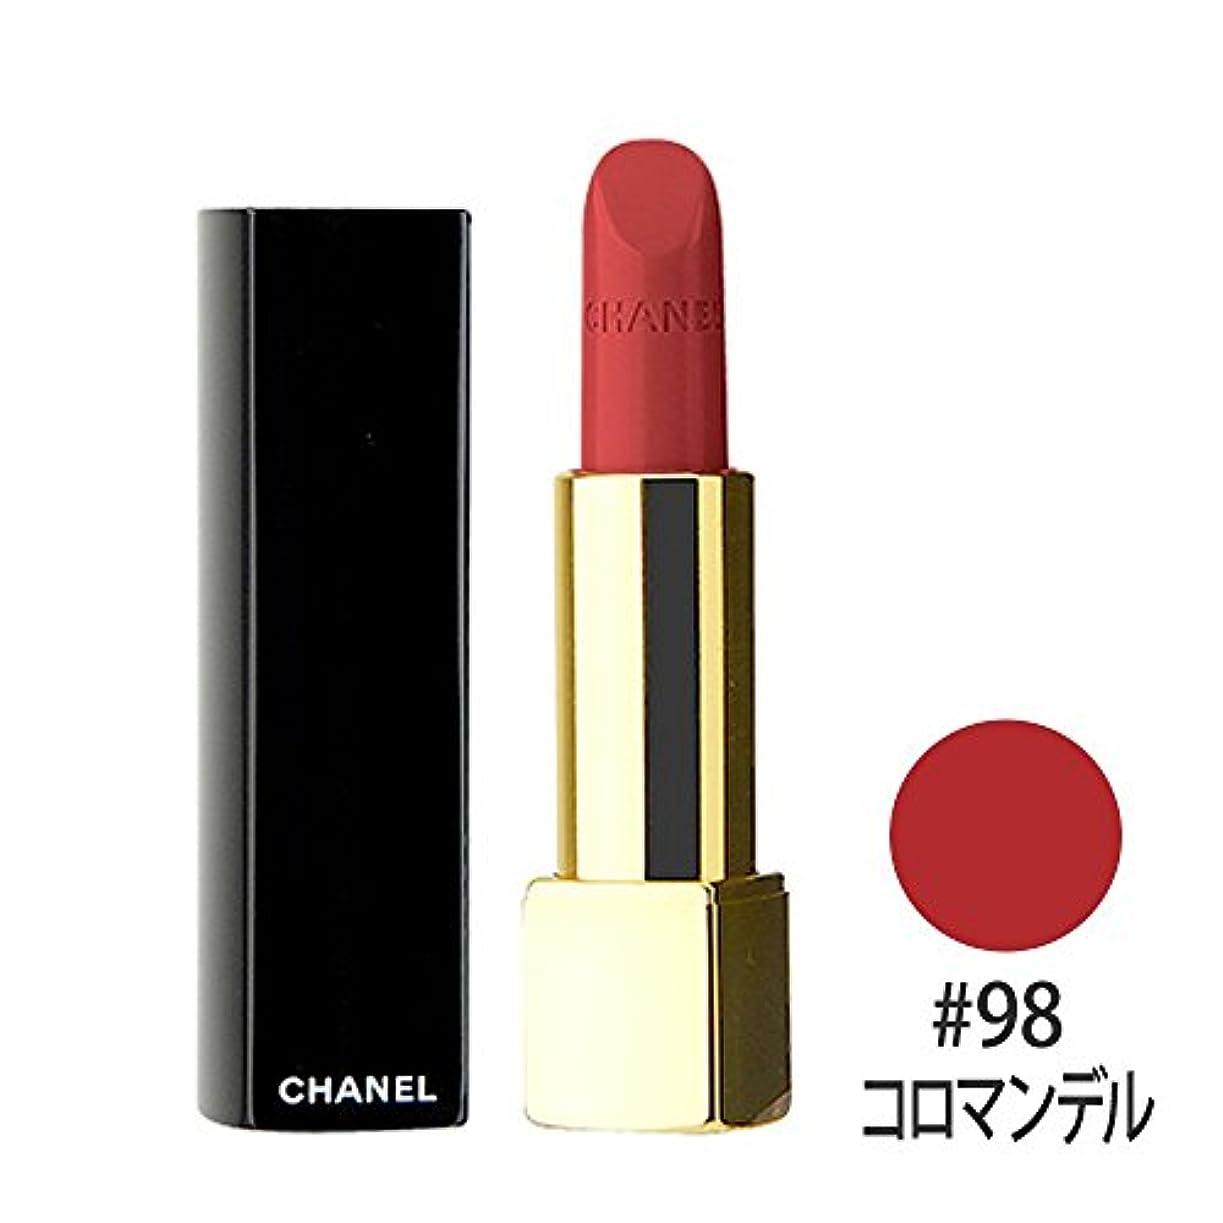 ソートめ言葉究極のChanel Rouge Allure Luminous Intense Lip Colour 98 Coromandel [並行輸入品]